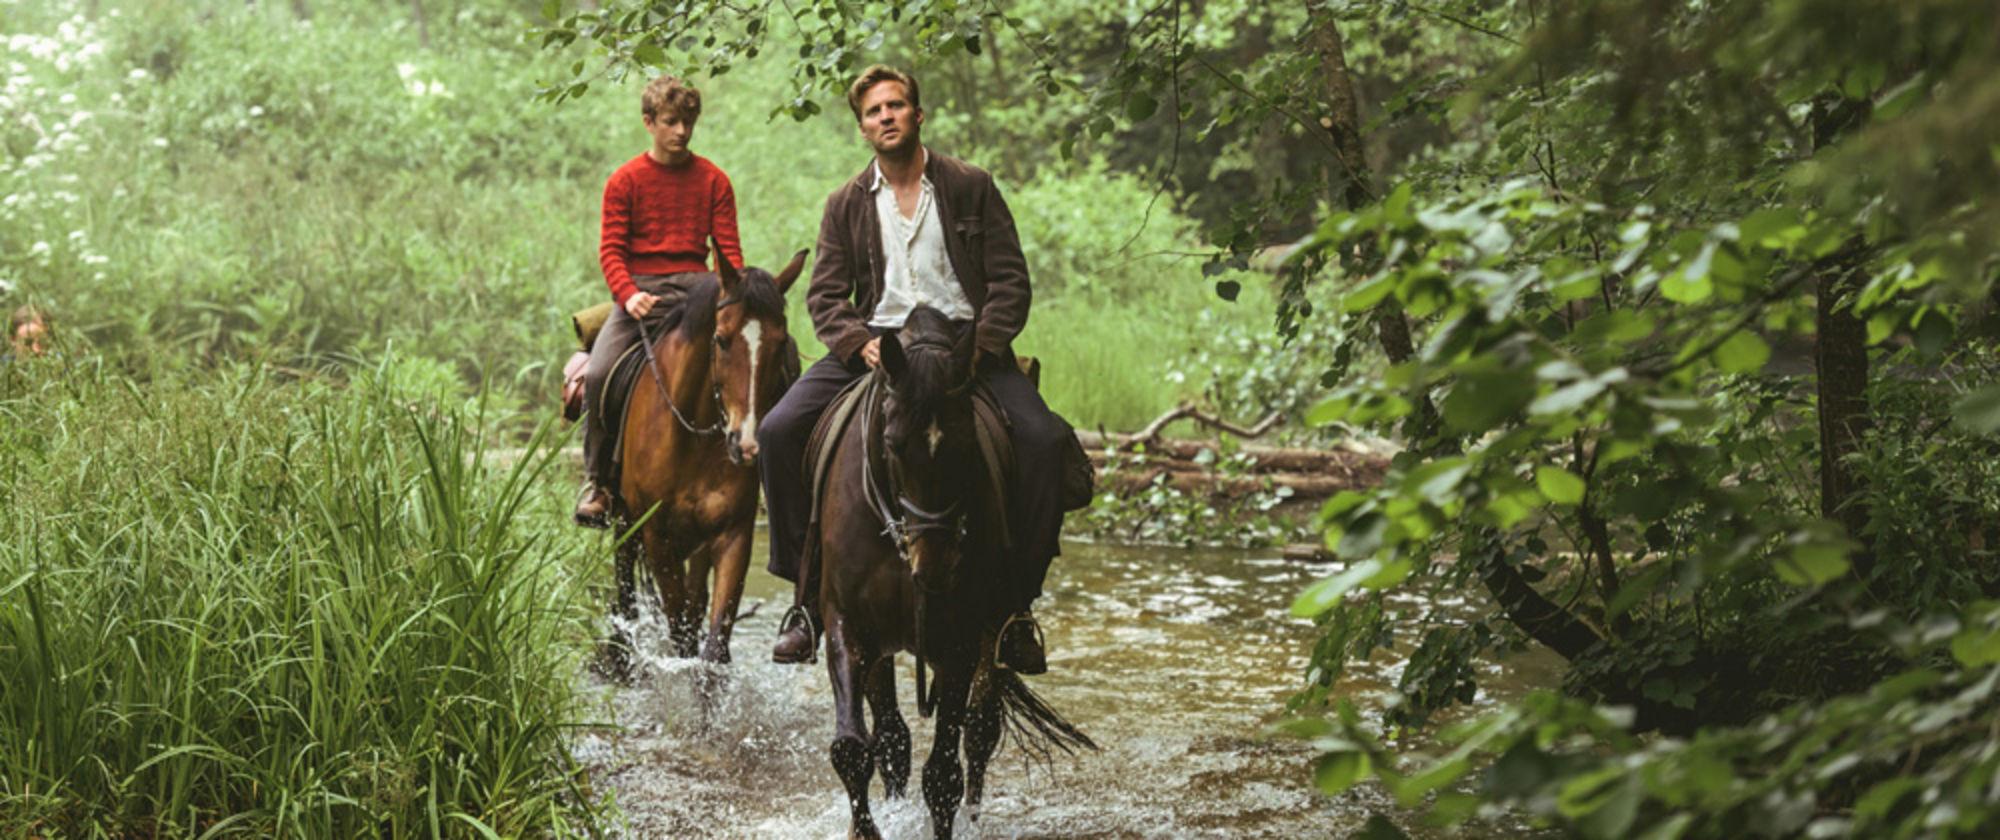 Pferde Stehlen Film